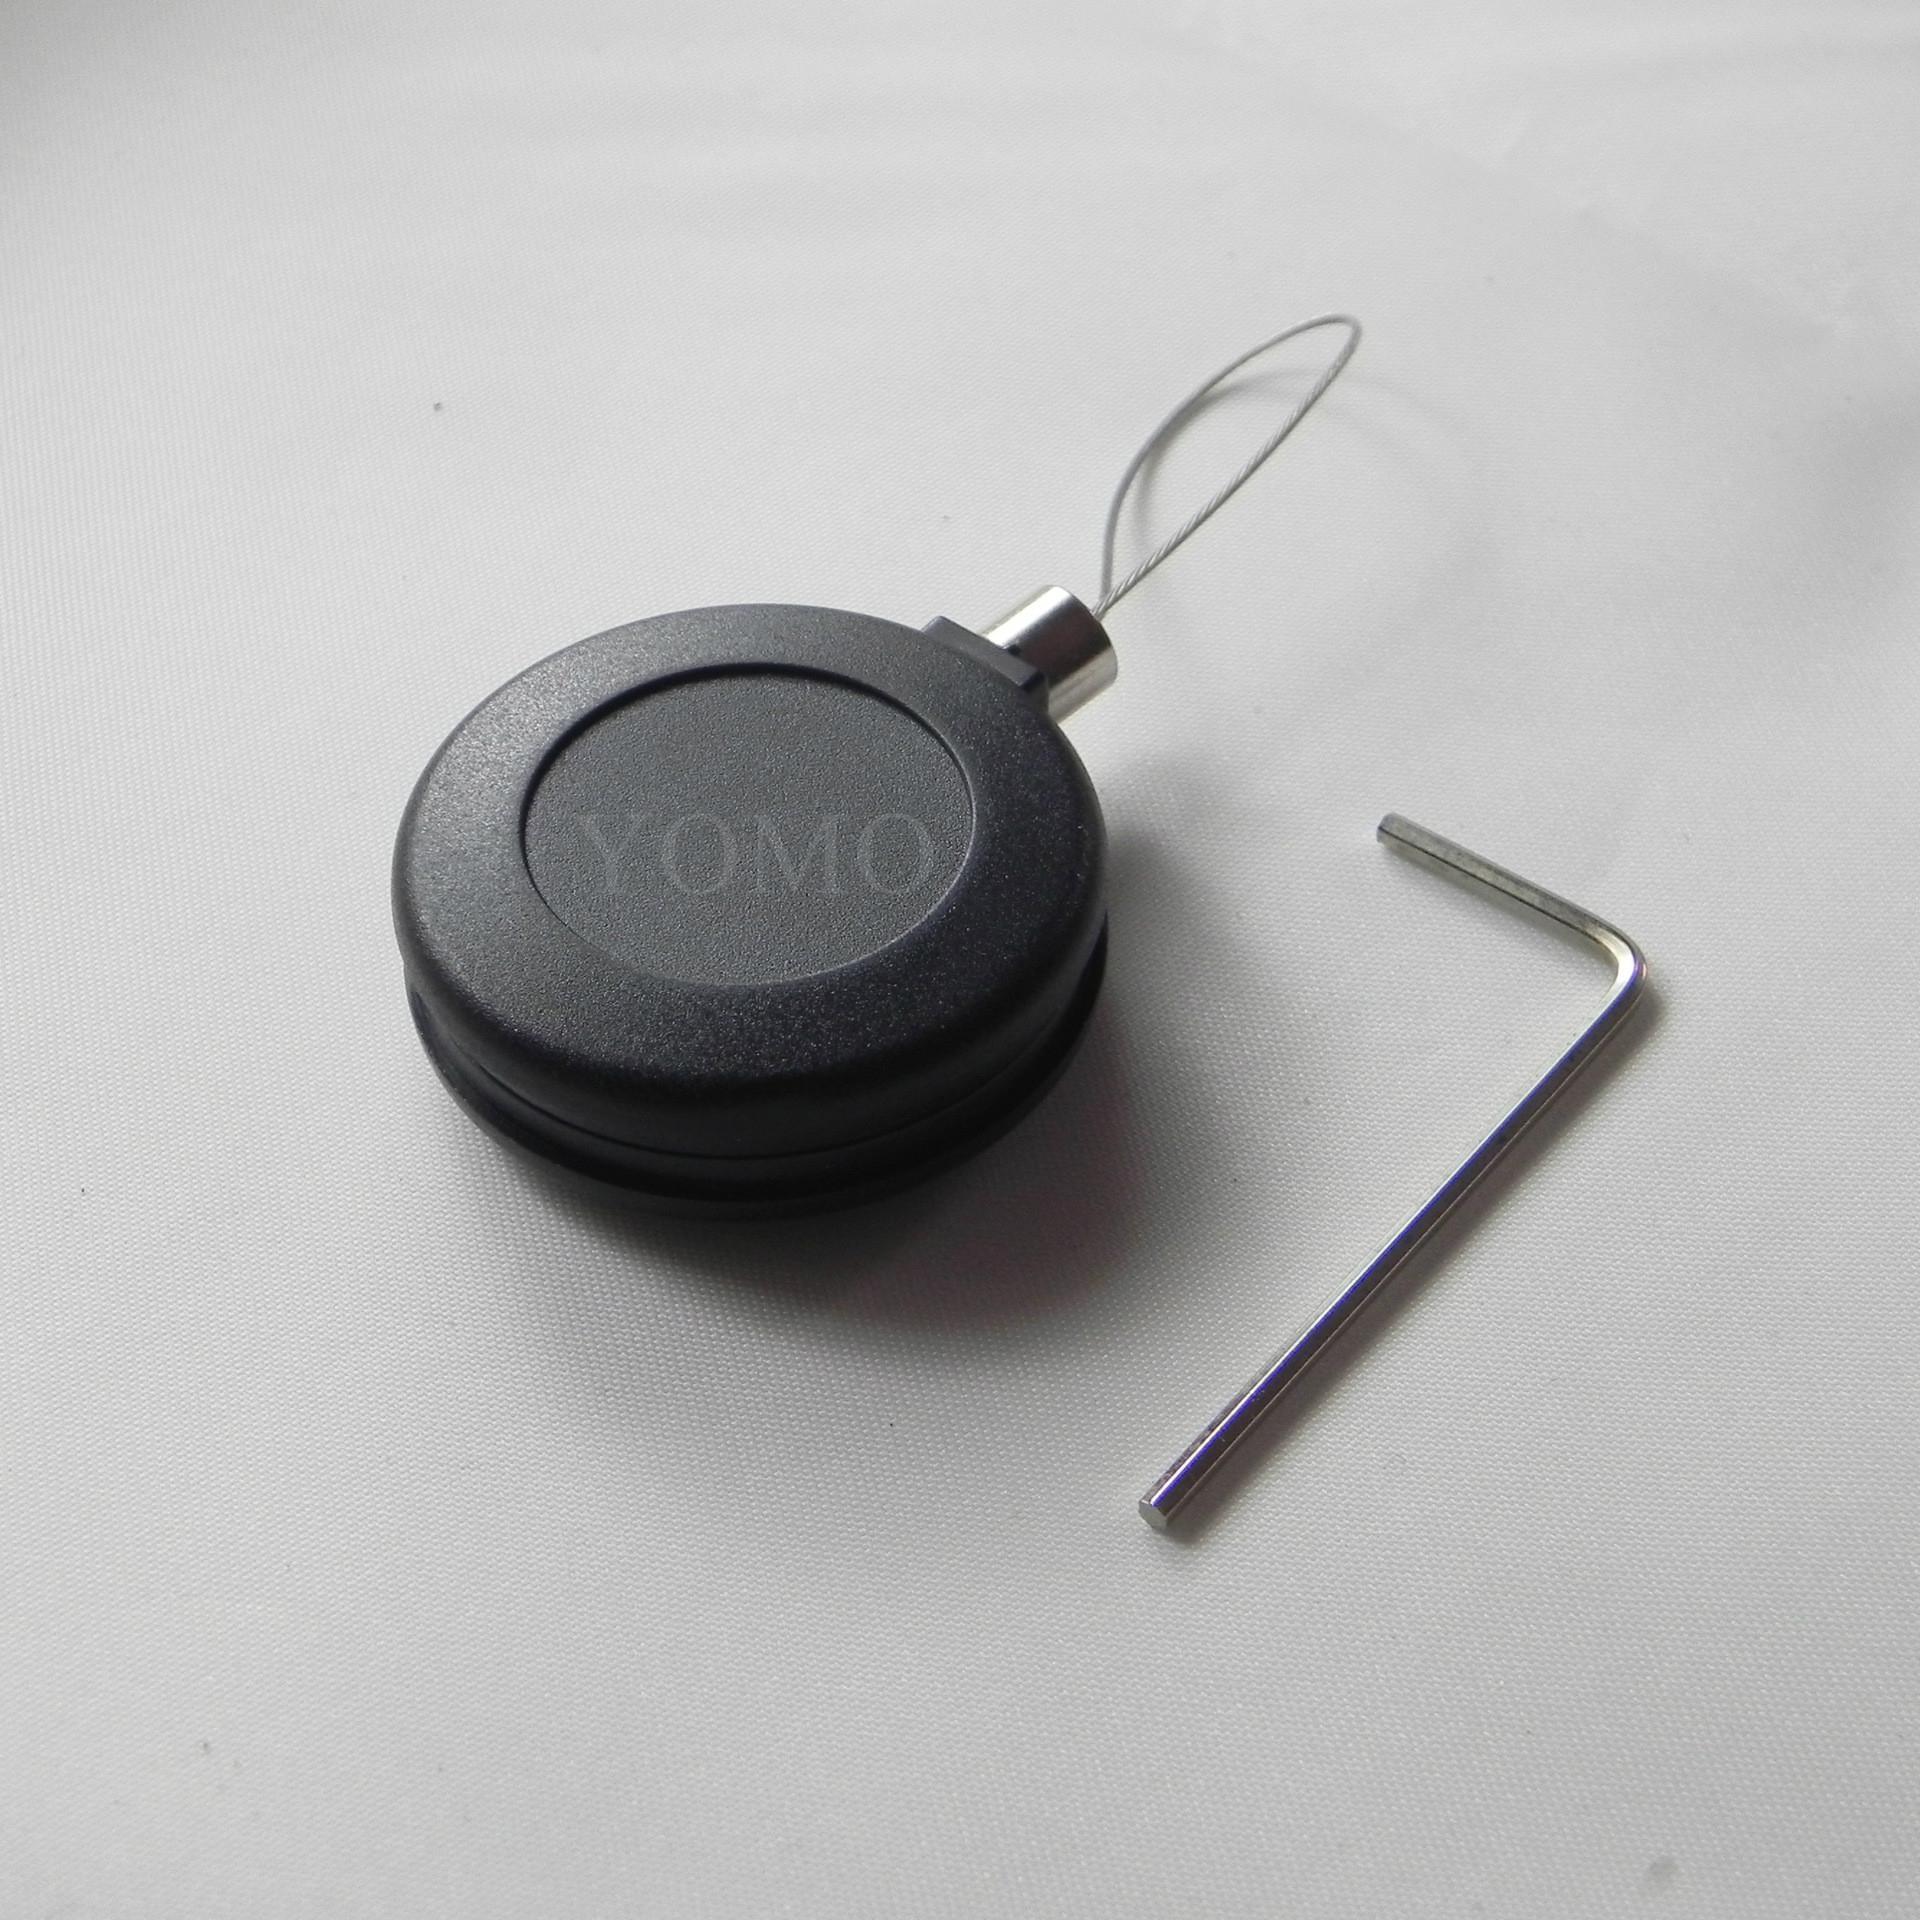 供应各种型号首饰/精品展示用防盗绳 自动伸缩拉线盒 易拉扣 2